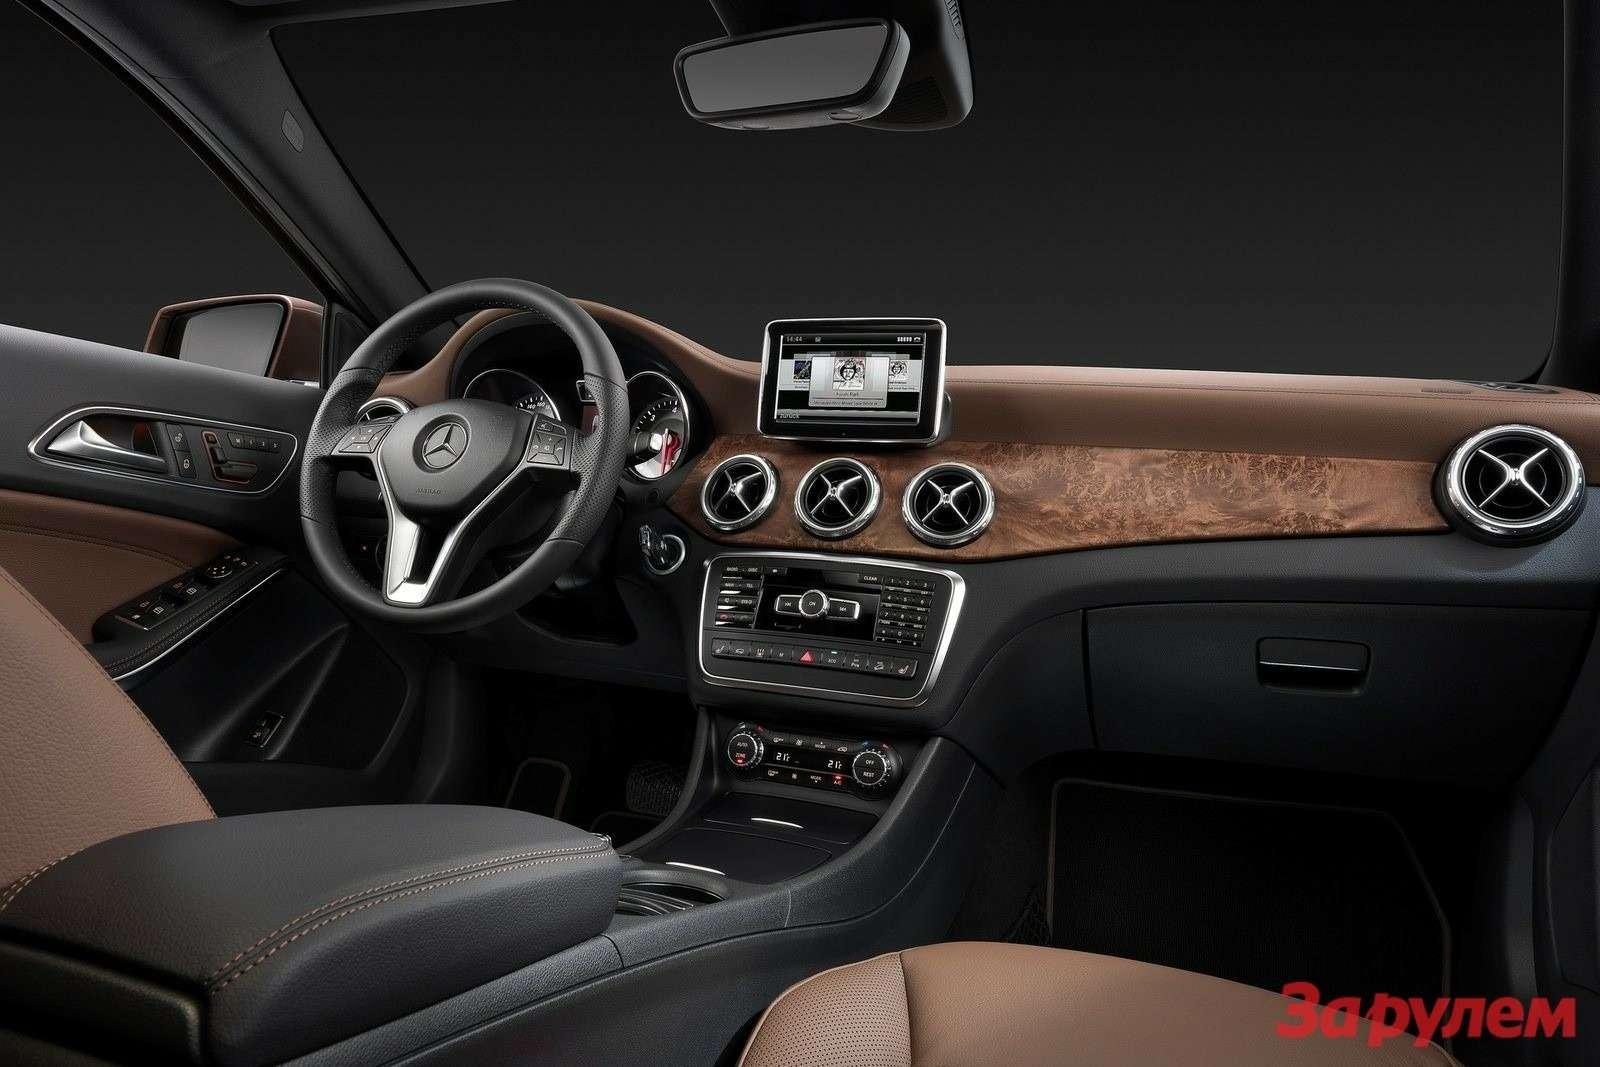 Mercedes Benz GLA Class 2015 1600x1200 wallpaper 2b